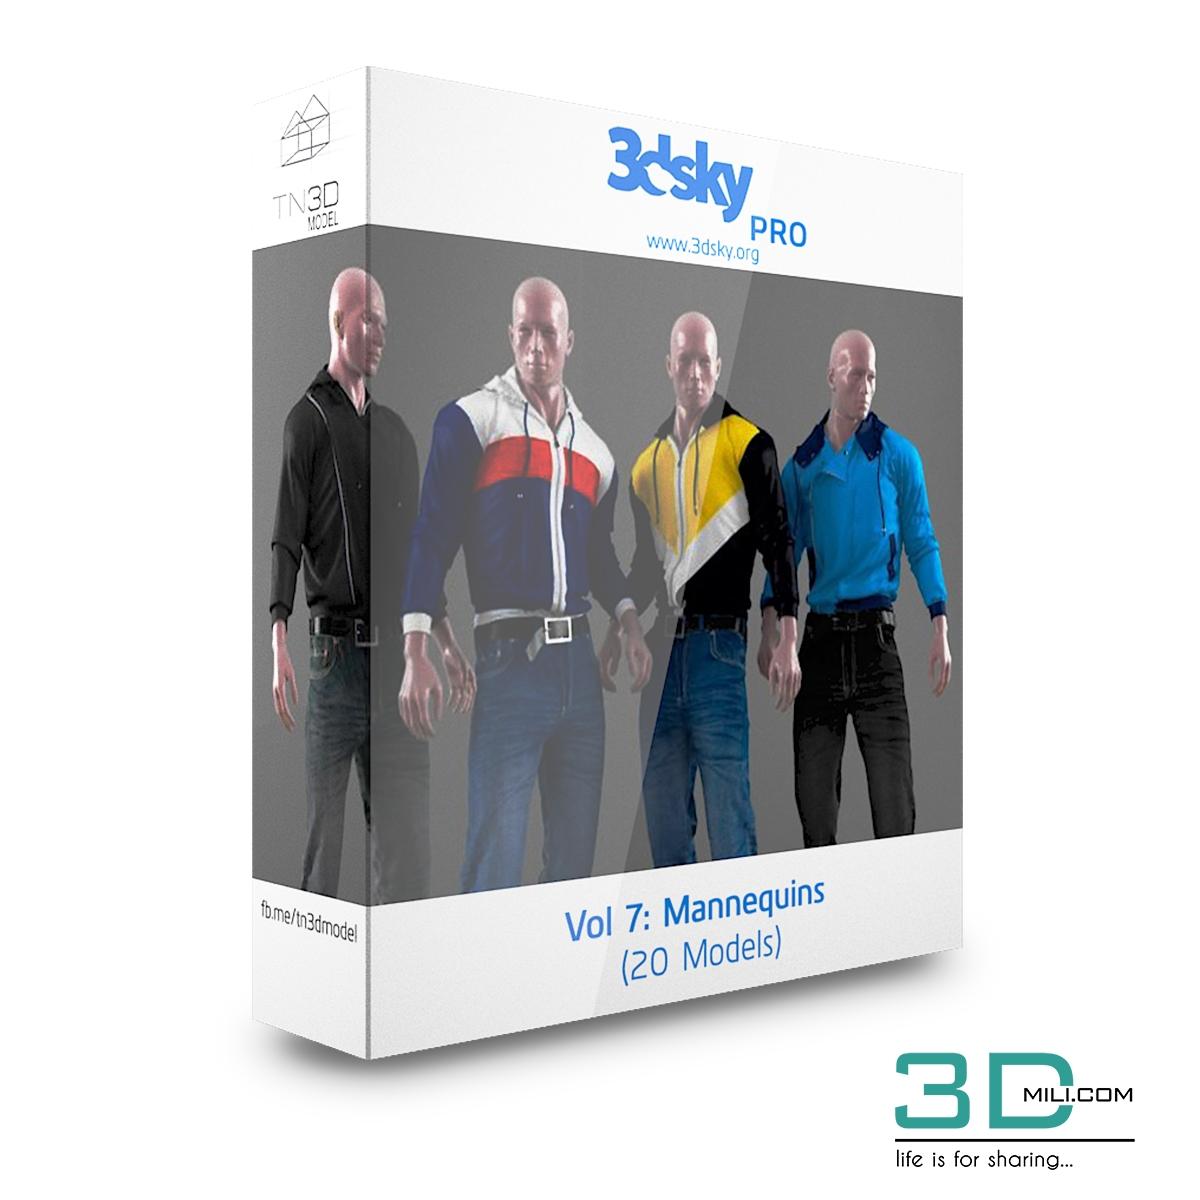 3dsky Pro Vol 7: Mannequins - 3D Mili - Download 3D Model